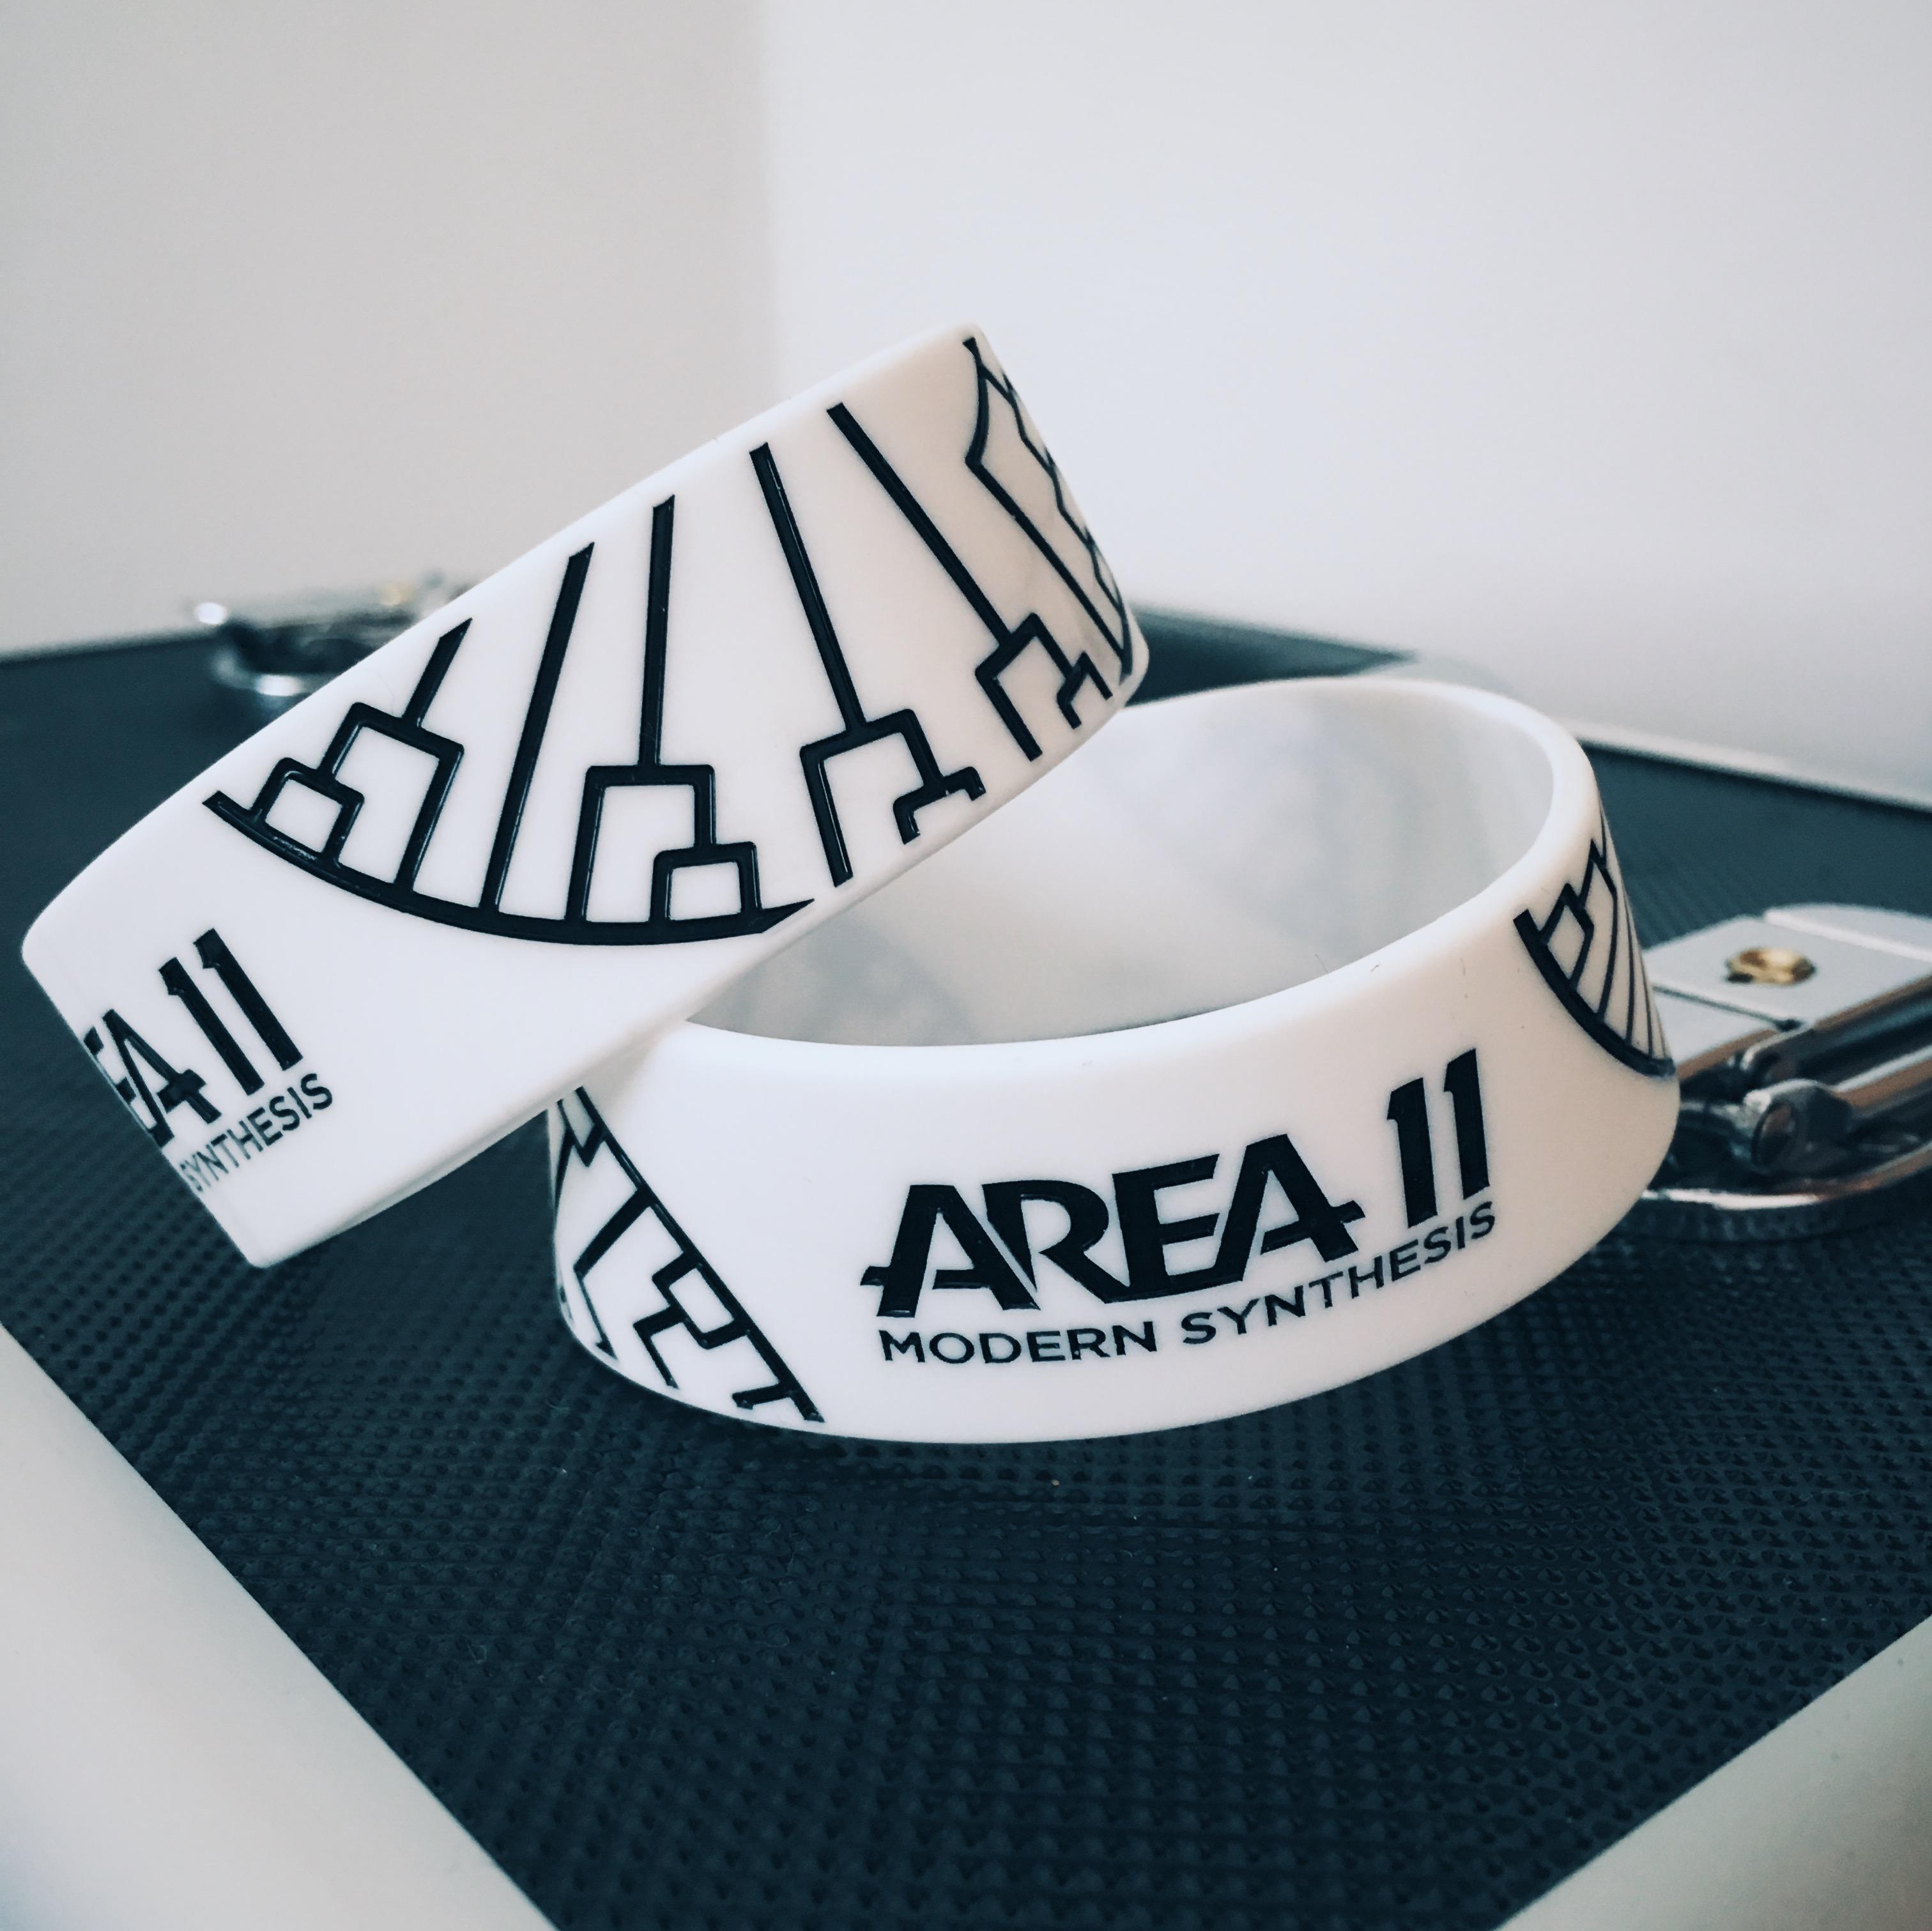 Modern Synthesis Wristband - White - Area 11